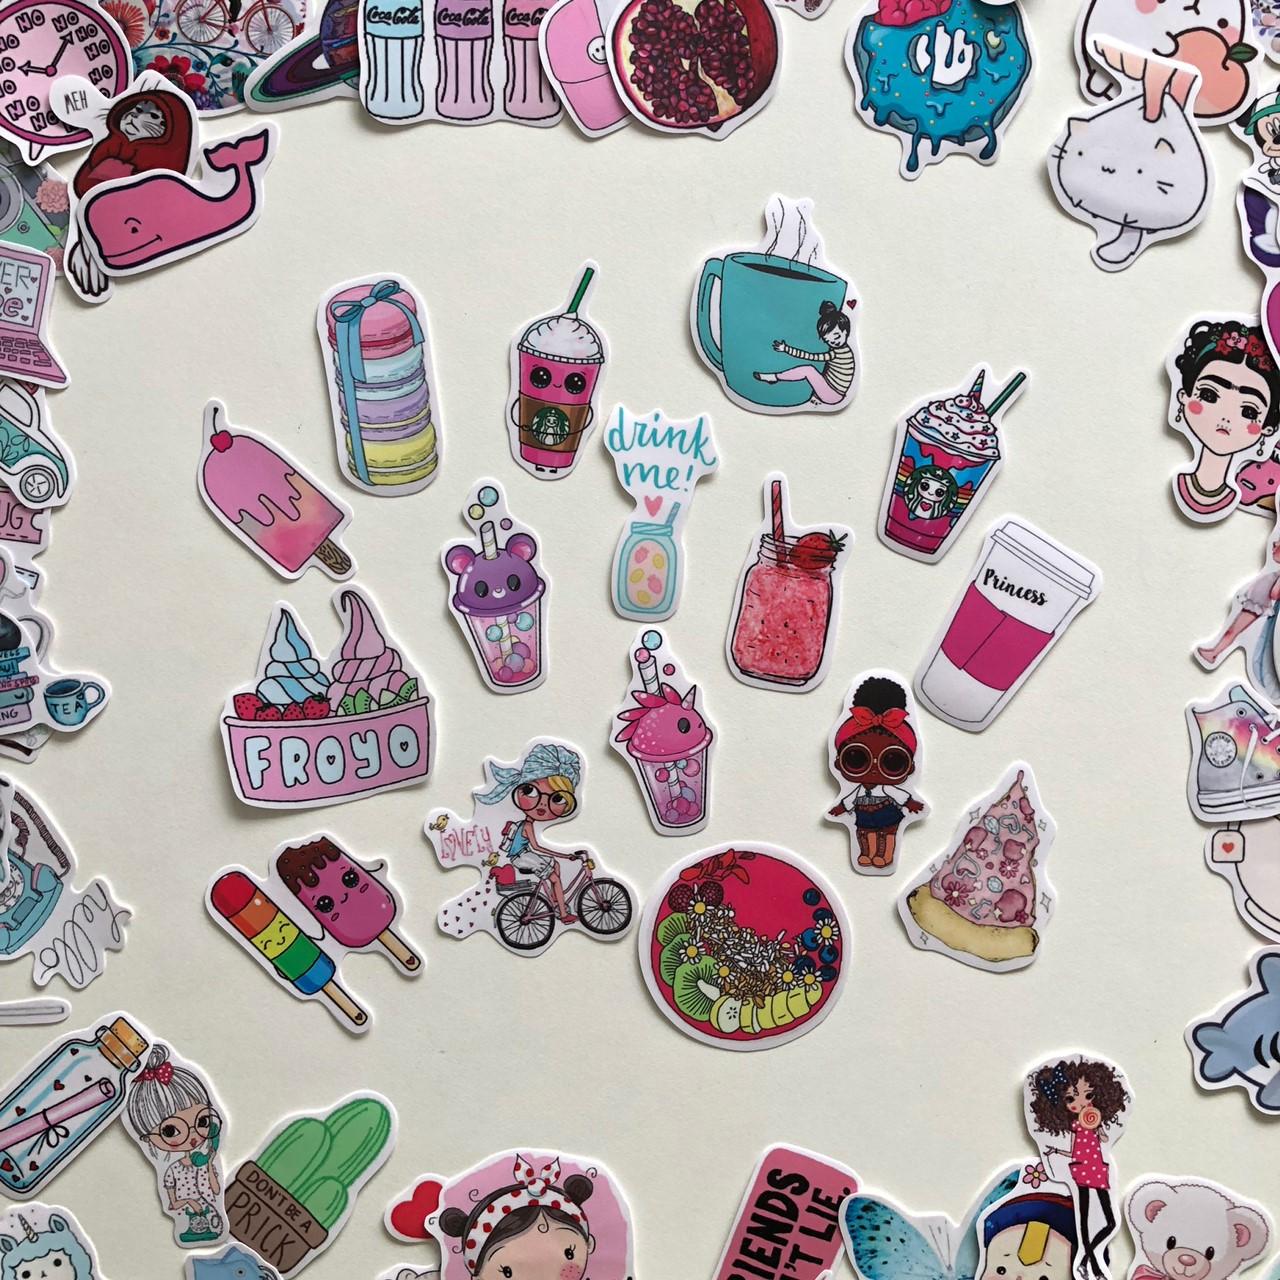 Bộ sticker chủ đề Cute dễ thương 2019, decal hình dán chống nước, trang trí nón bảo hiểm, điện thoại, lap top ...